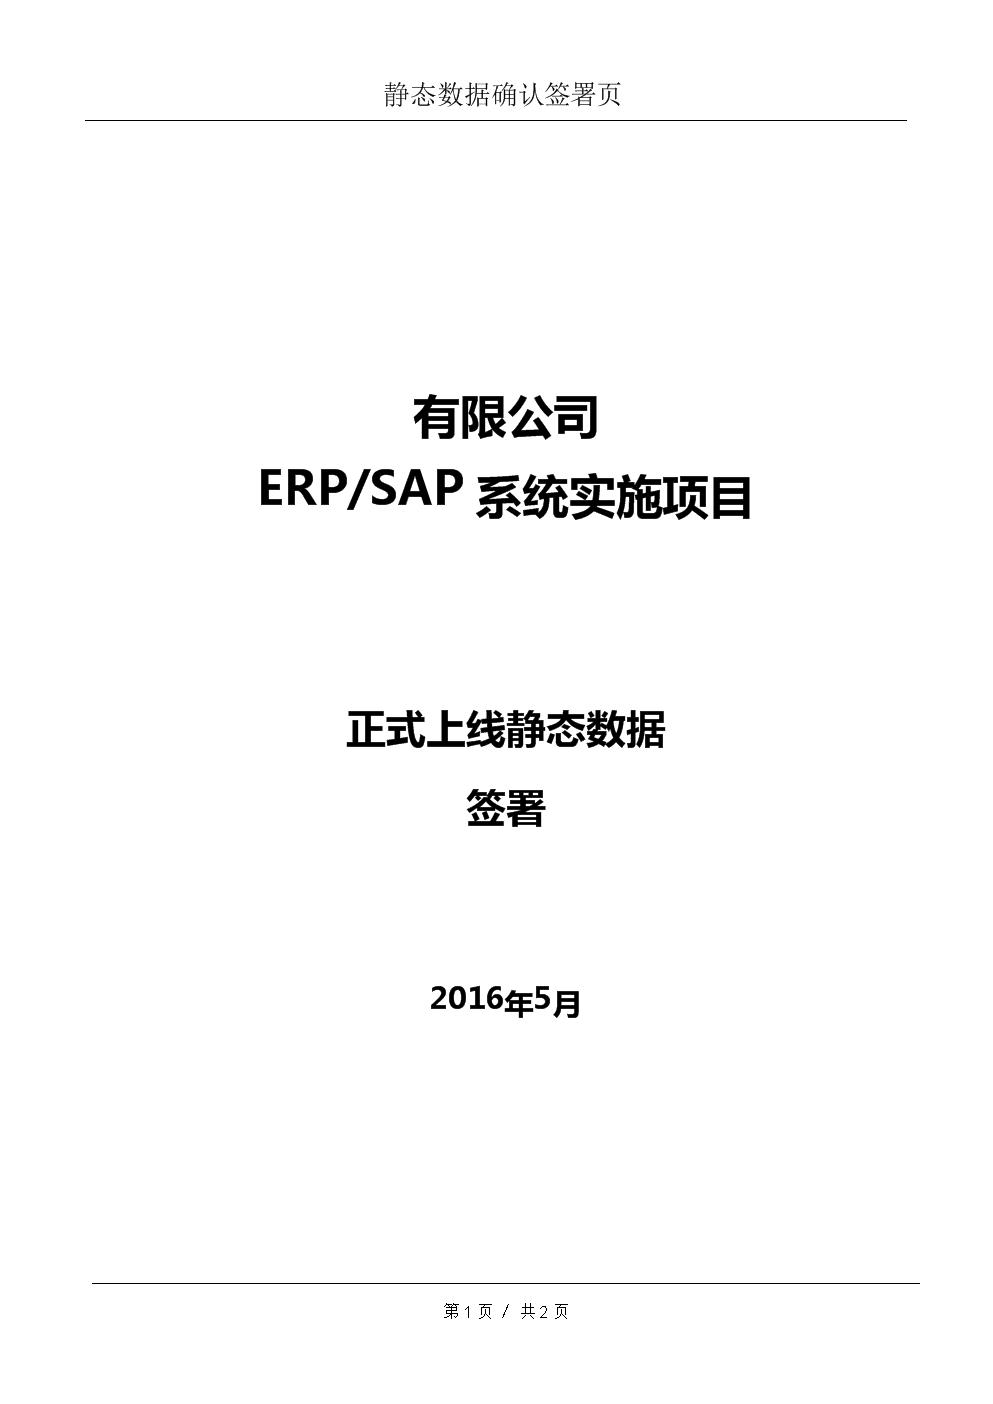 xxx_ERP项目_静态数据签署页-SD客户主数据.doc